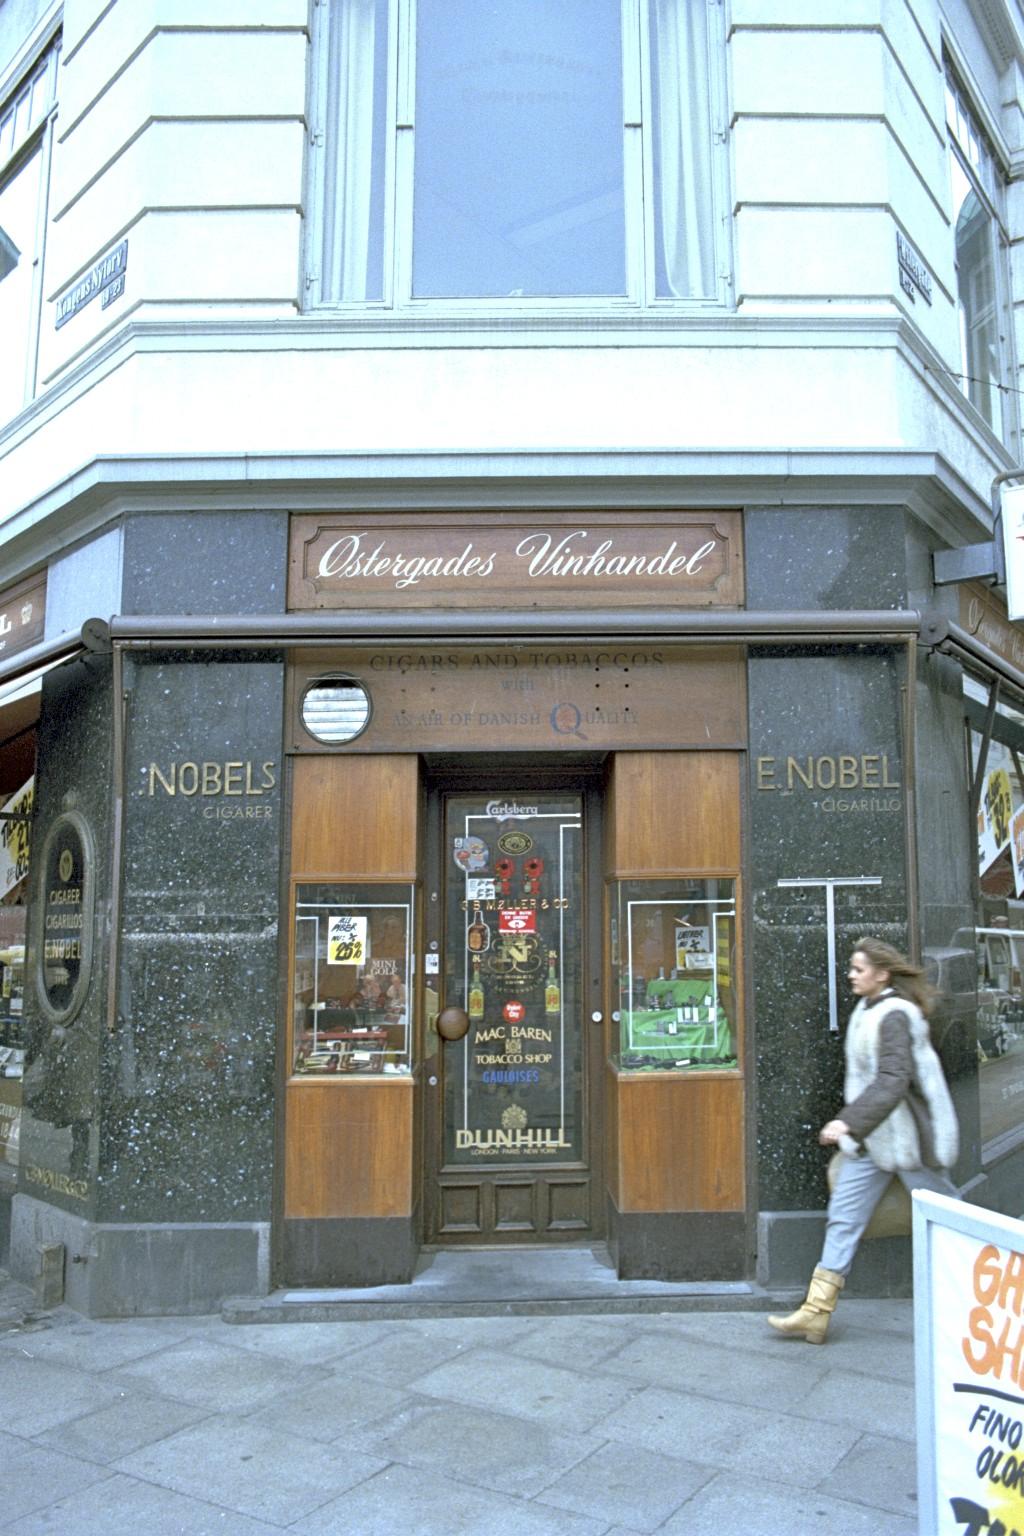 Østergades Vinhandel, København